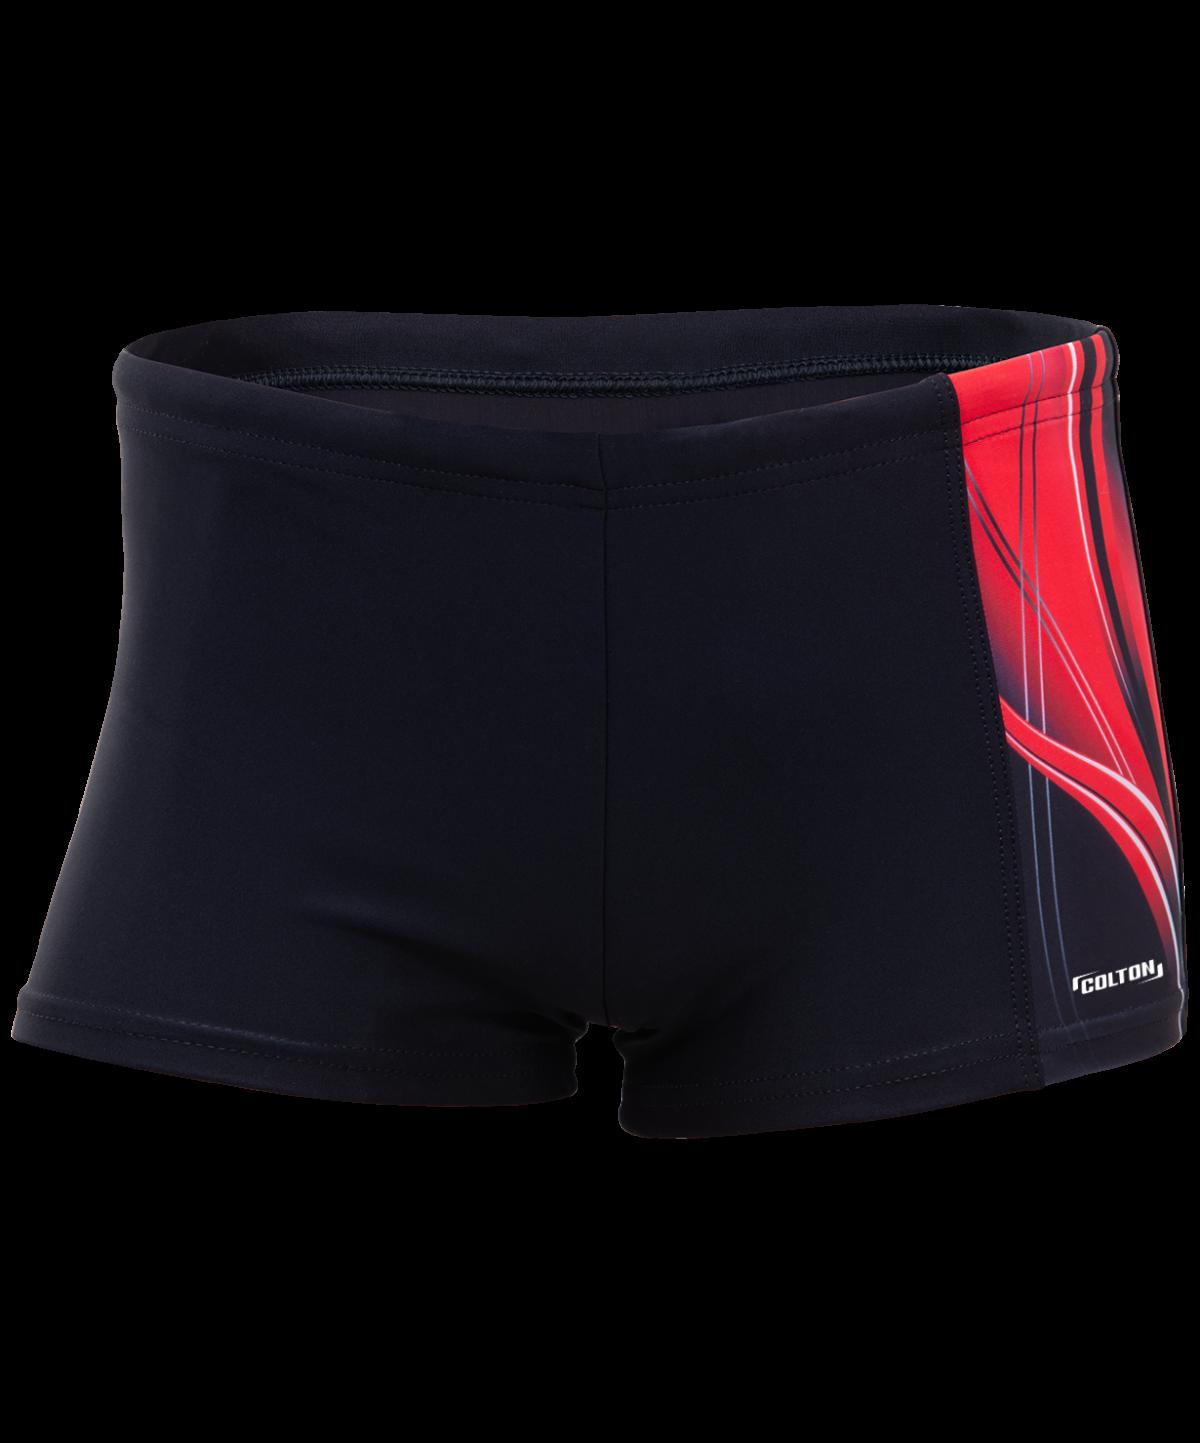 COLTON Wave Плавки-шорты детские (32-42)  SS-2985: черный/красный - 1